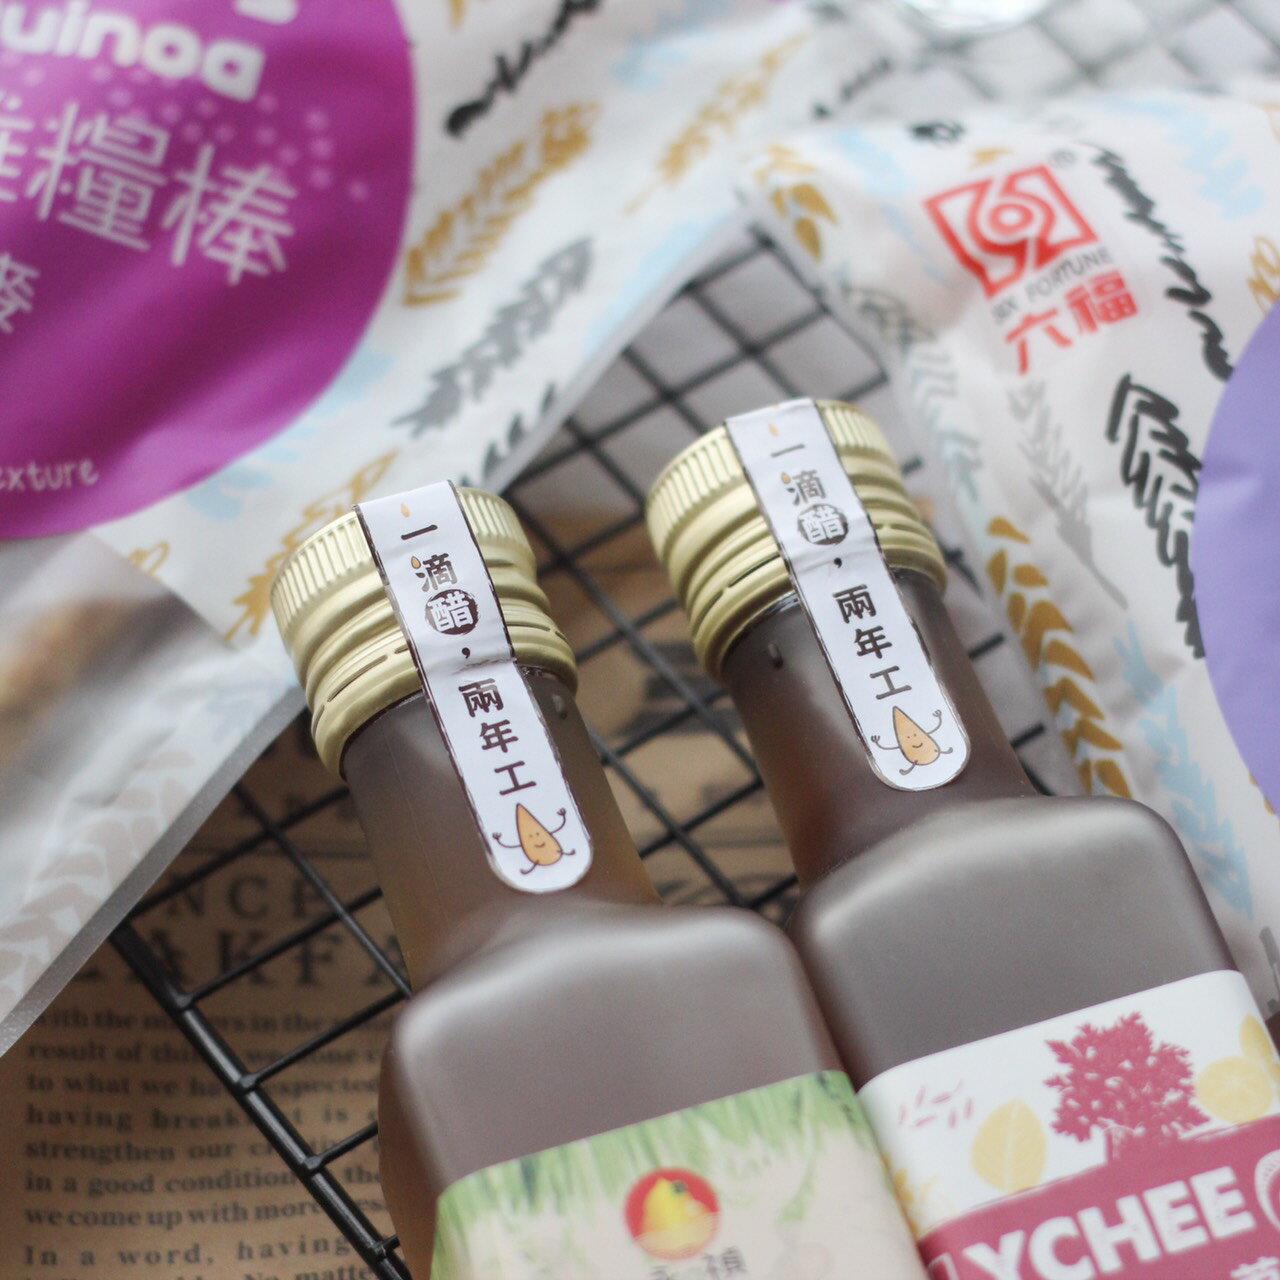 荔枝桂花醋250ML /  健康果醋 /  促進新陳代謝 /  天然釀造 3